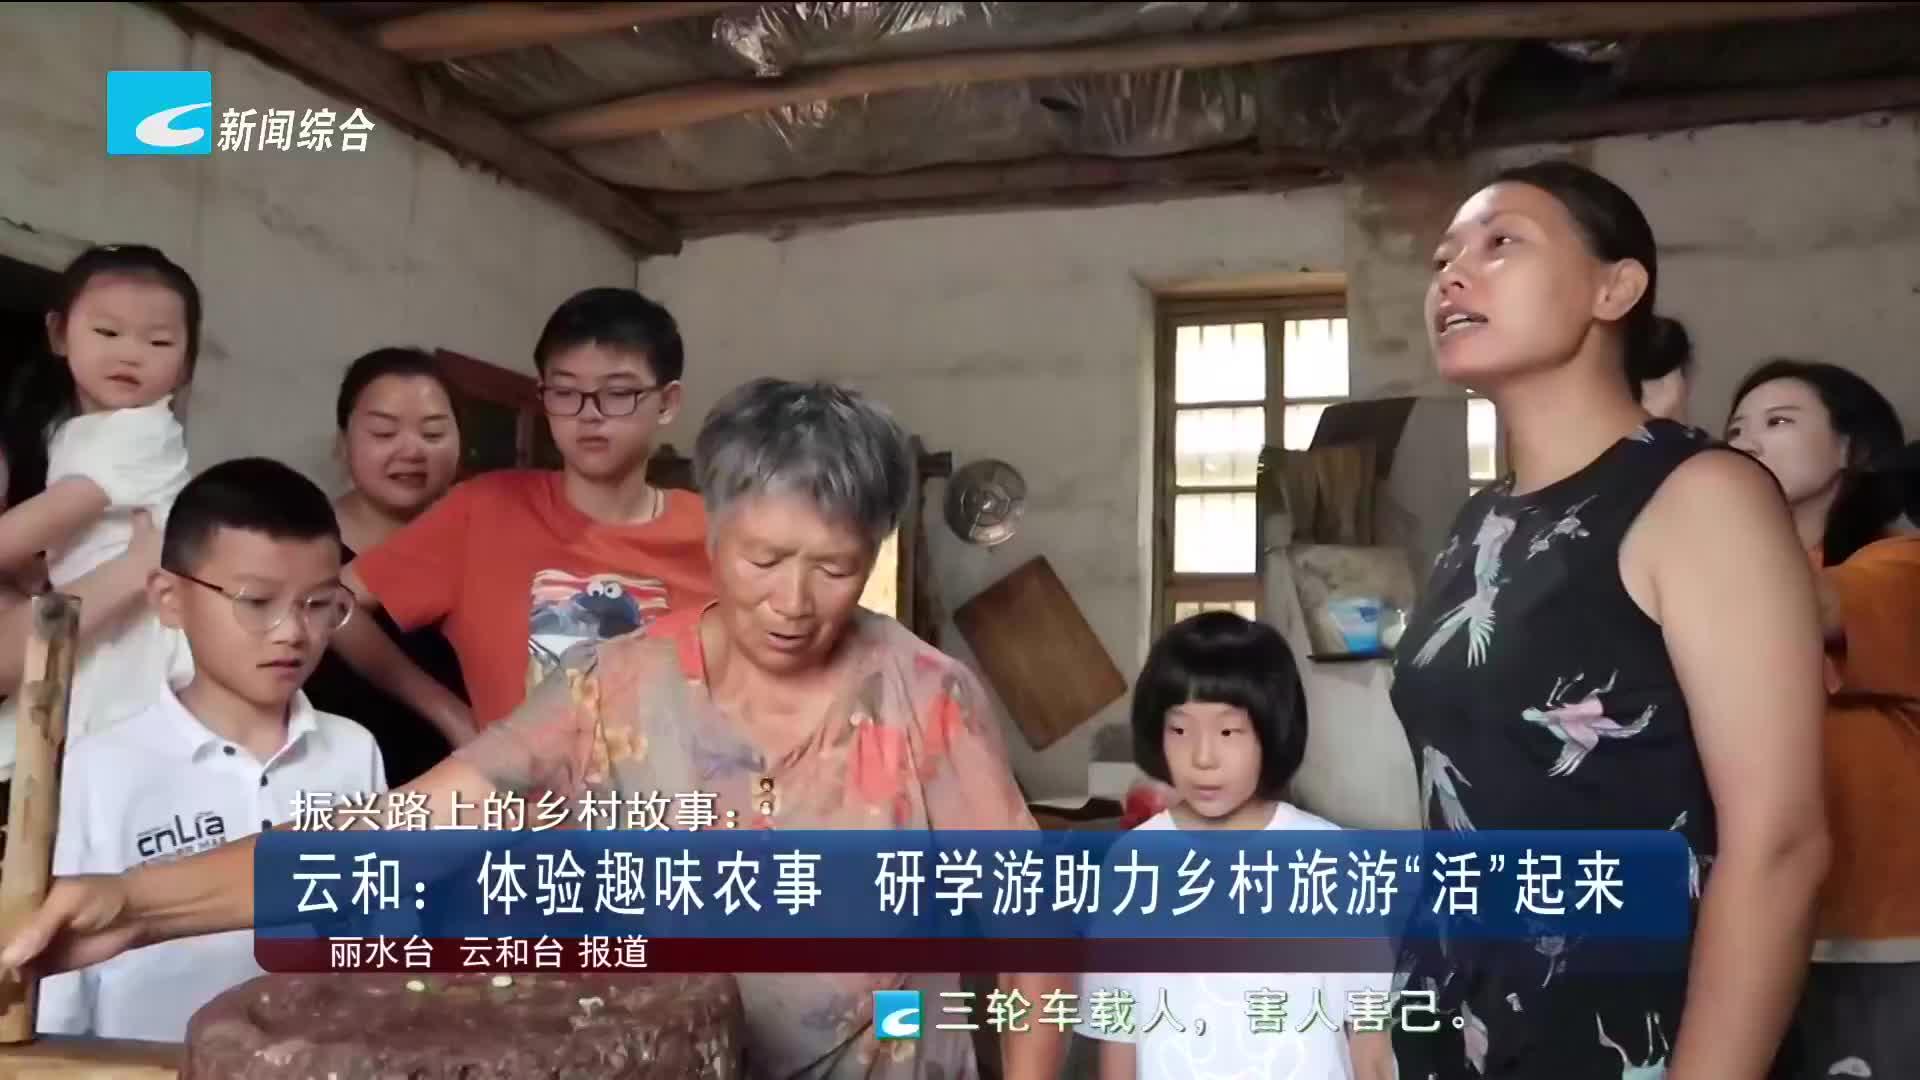 """振兴路上的乡村故事:云和:体验趣味农事 研学游助力乡村旅游""""活""""起来"""